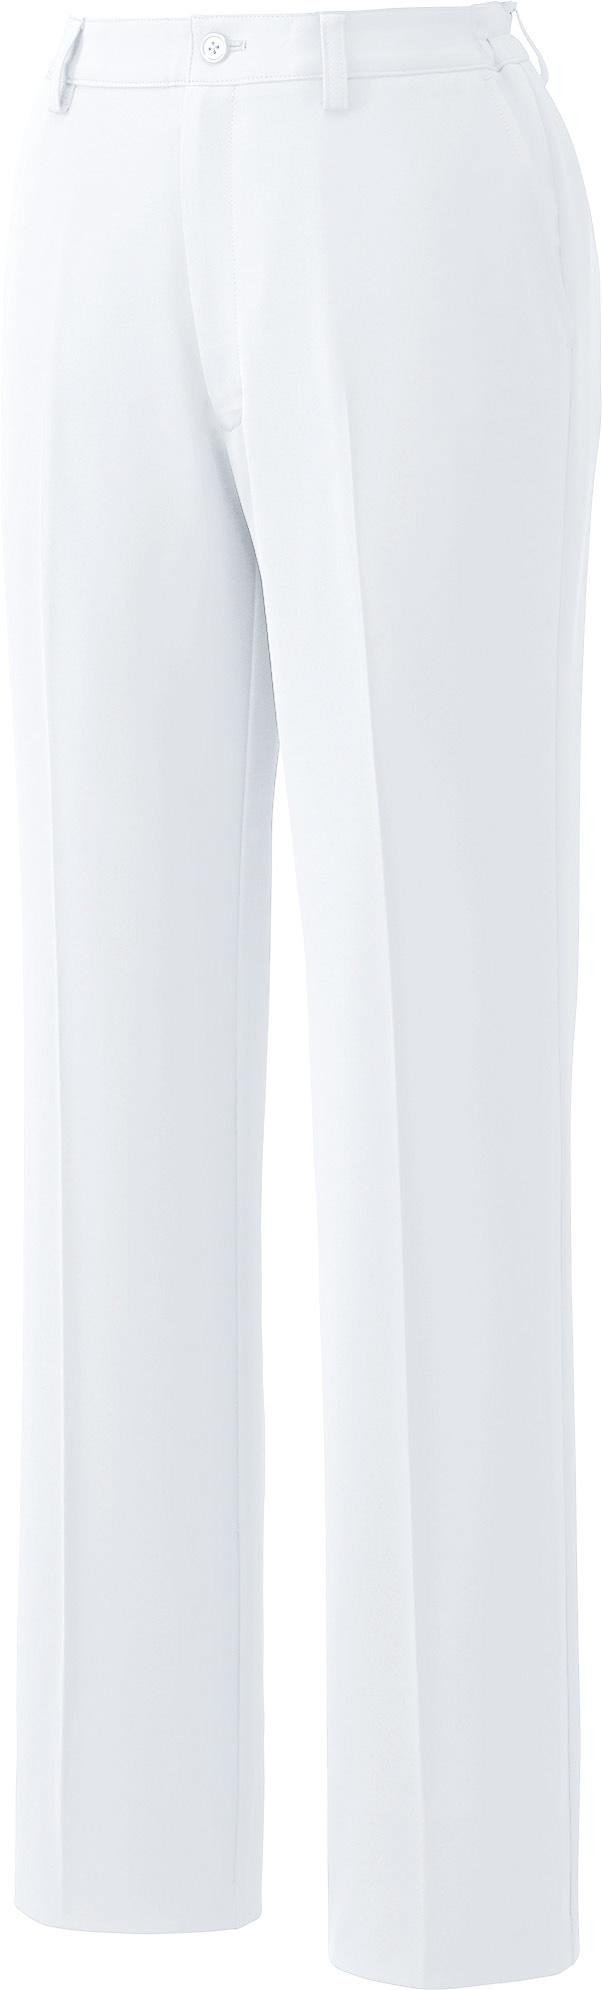 パンツ[女]販売。刺繍、プリント加工対応します。研修医、医療チームウェアに人気